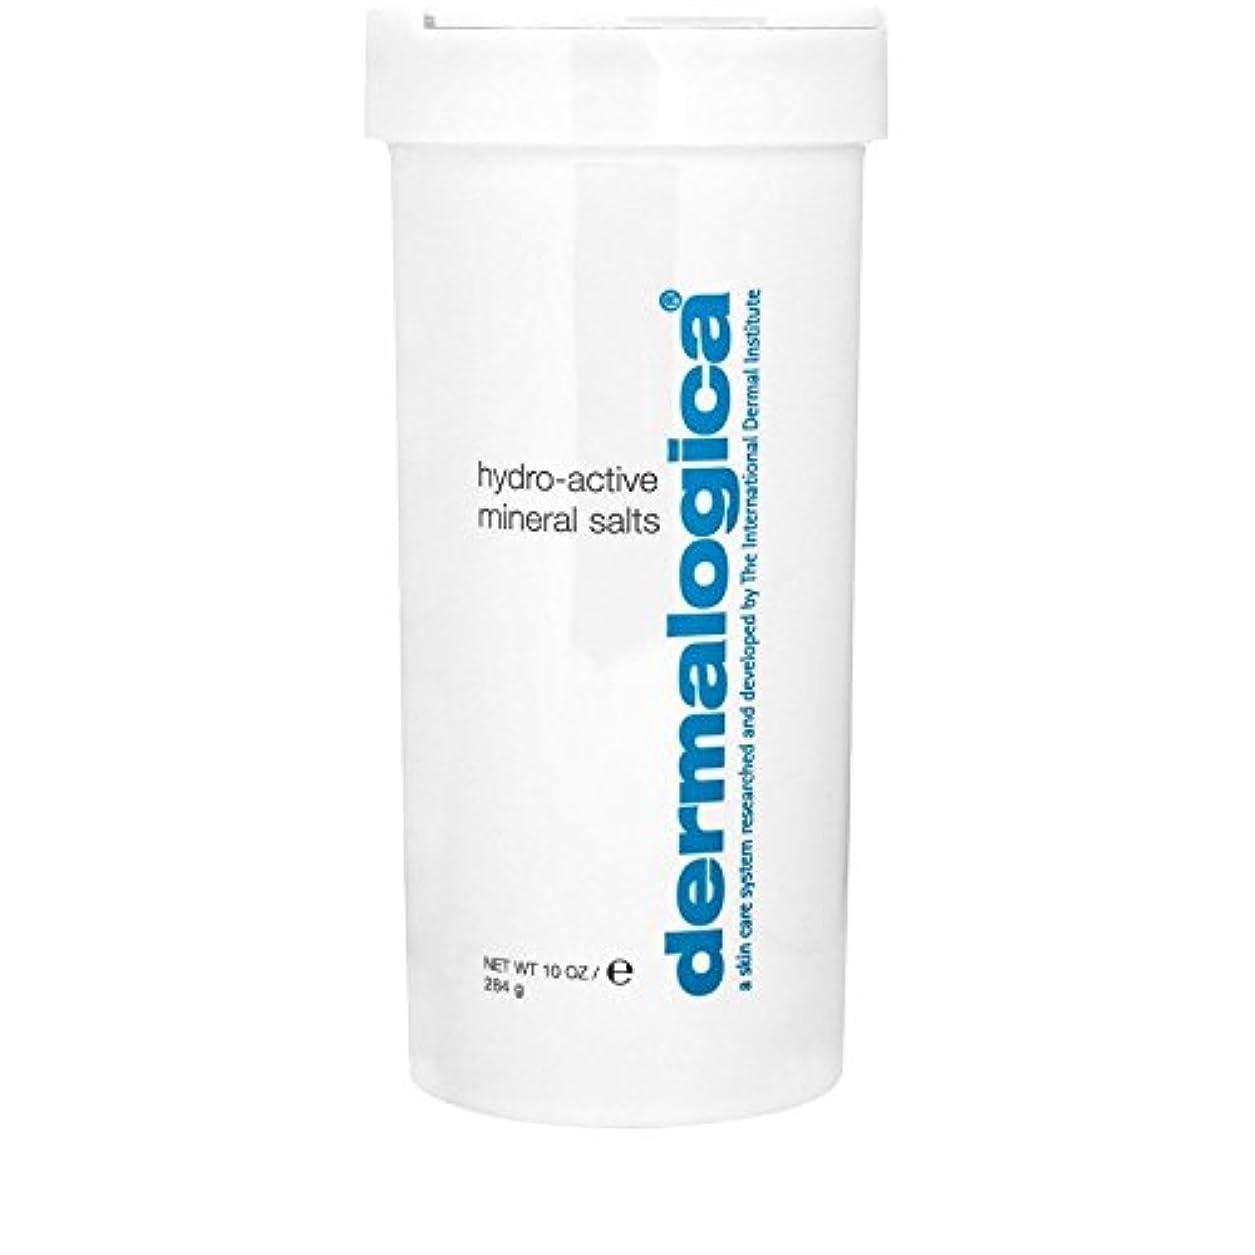 マーチャンダイザー終点変化するダーマロジカ水力アクティブミネラル塩284グラム x4 - Dermalogica Hydro Active Mineral Salt 284g (Pack of 4) [並行輸入品]